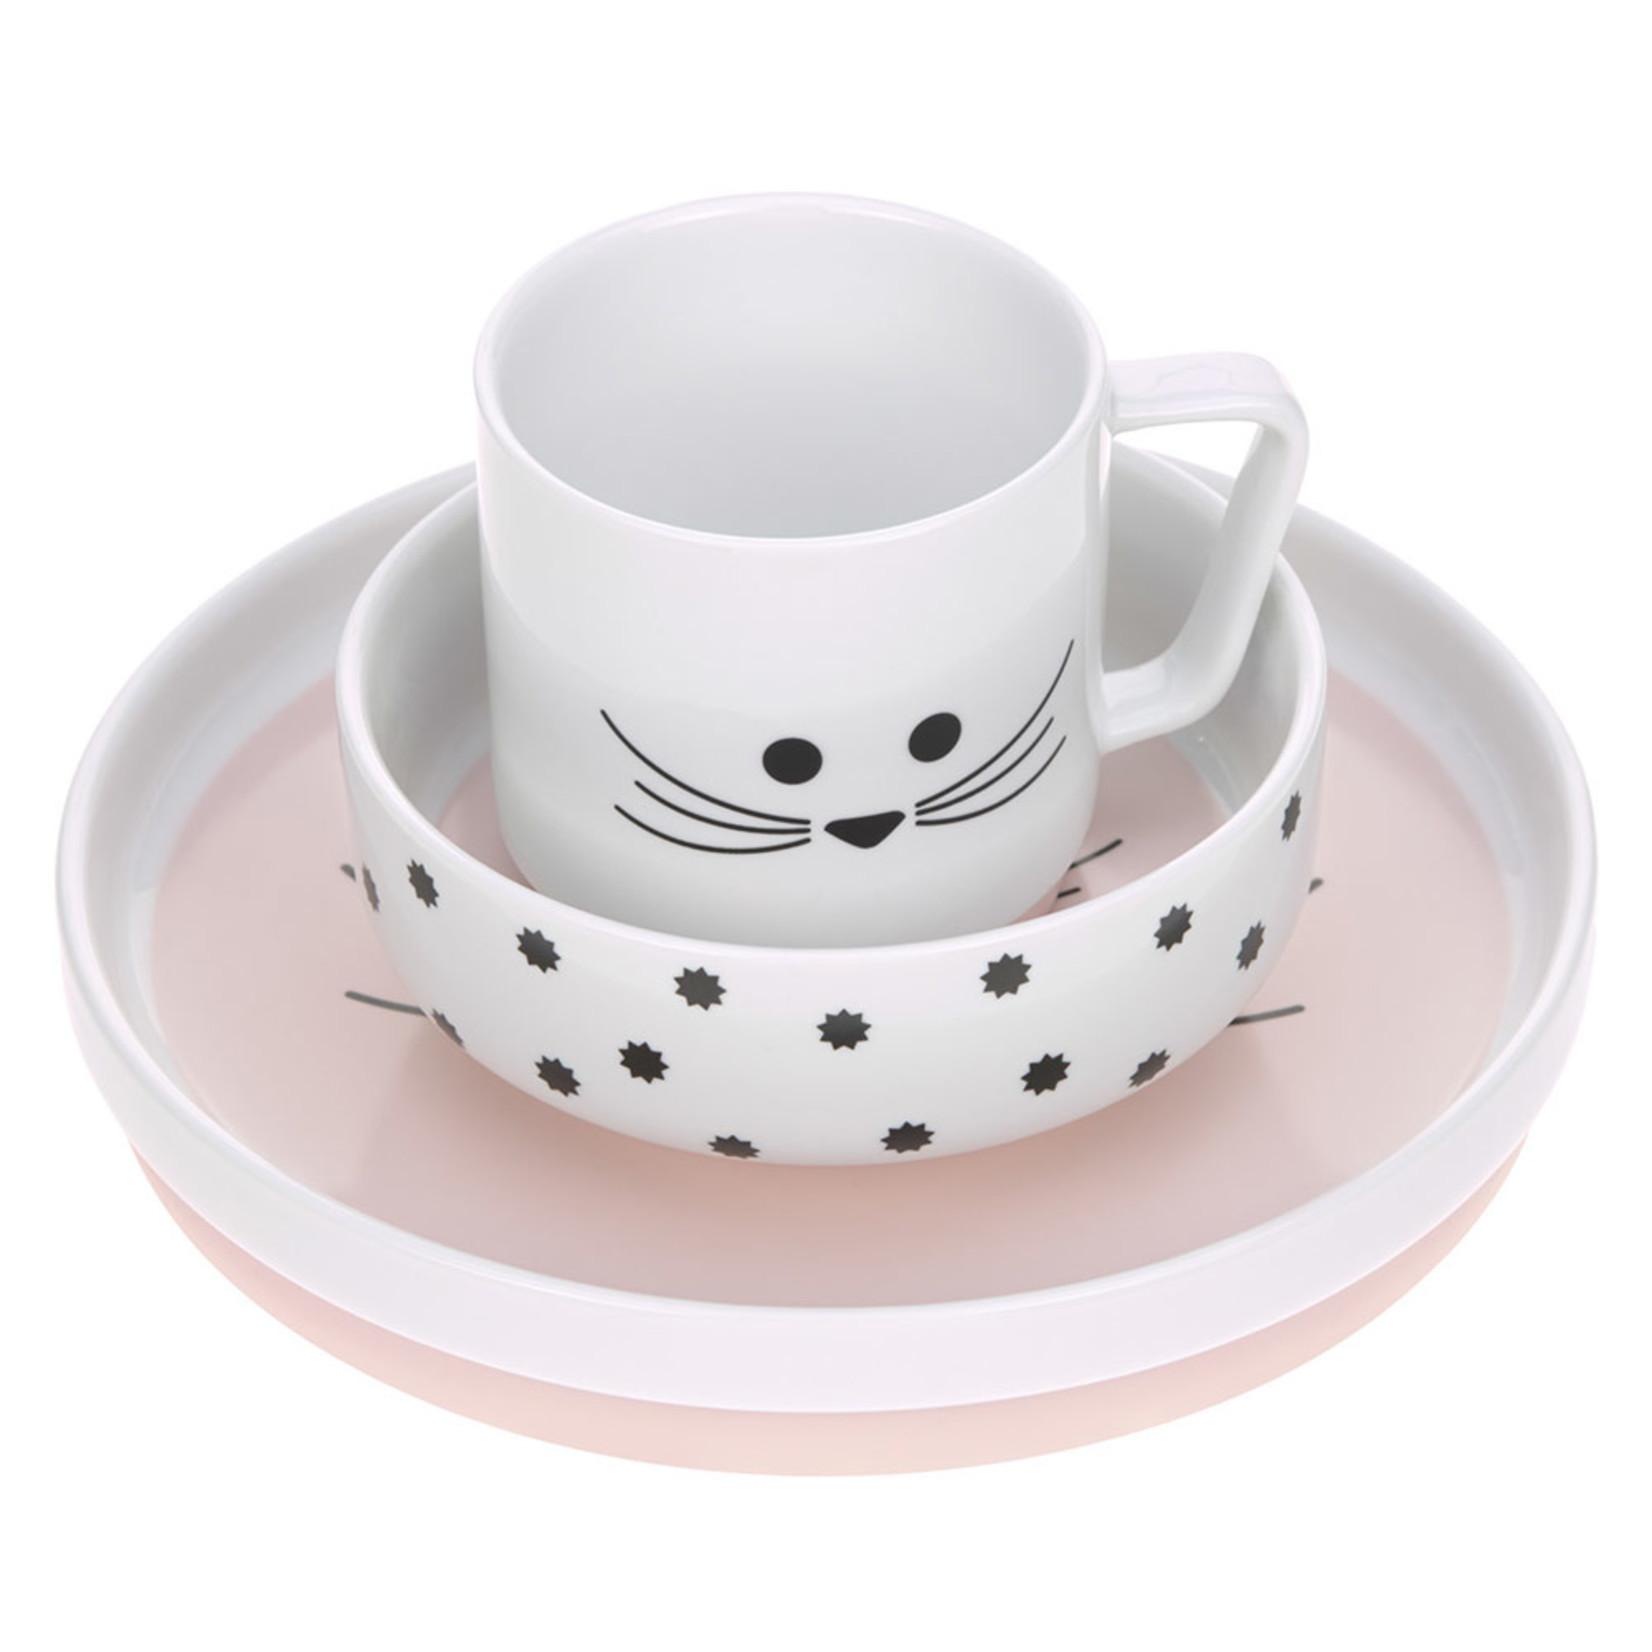 Lässig Fashion Lässig Kindergeschirr-Set aus Porzellan | 4-tlg. | Süße Maus